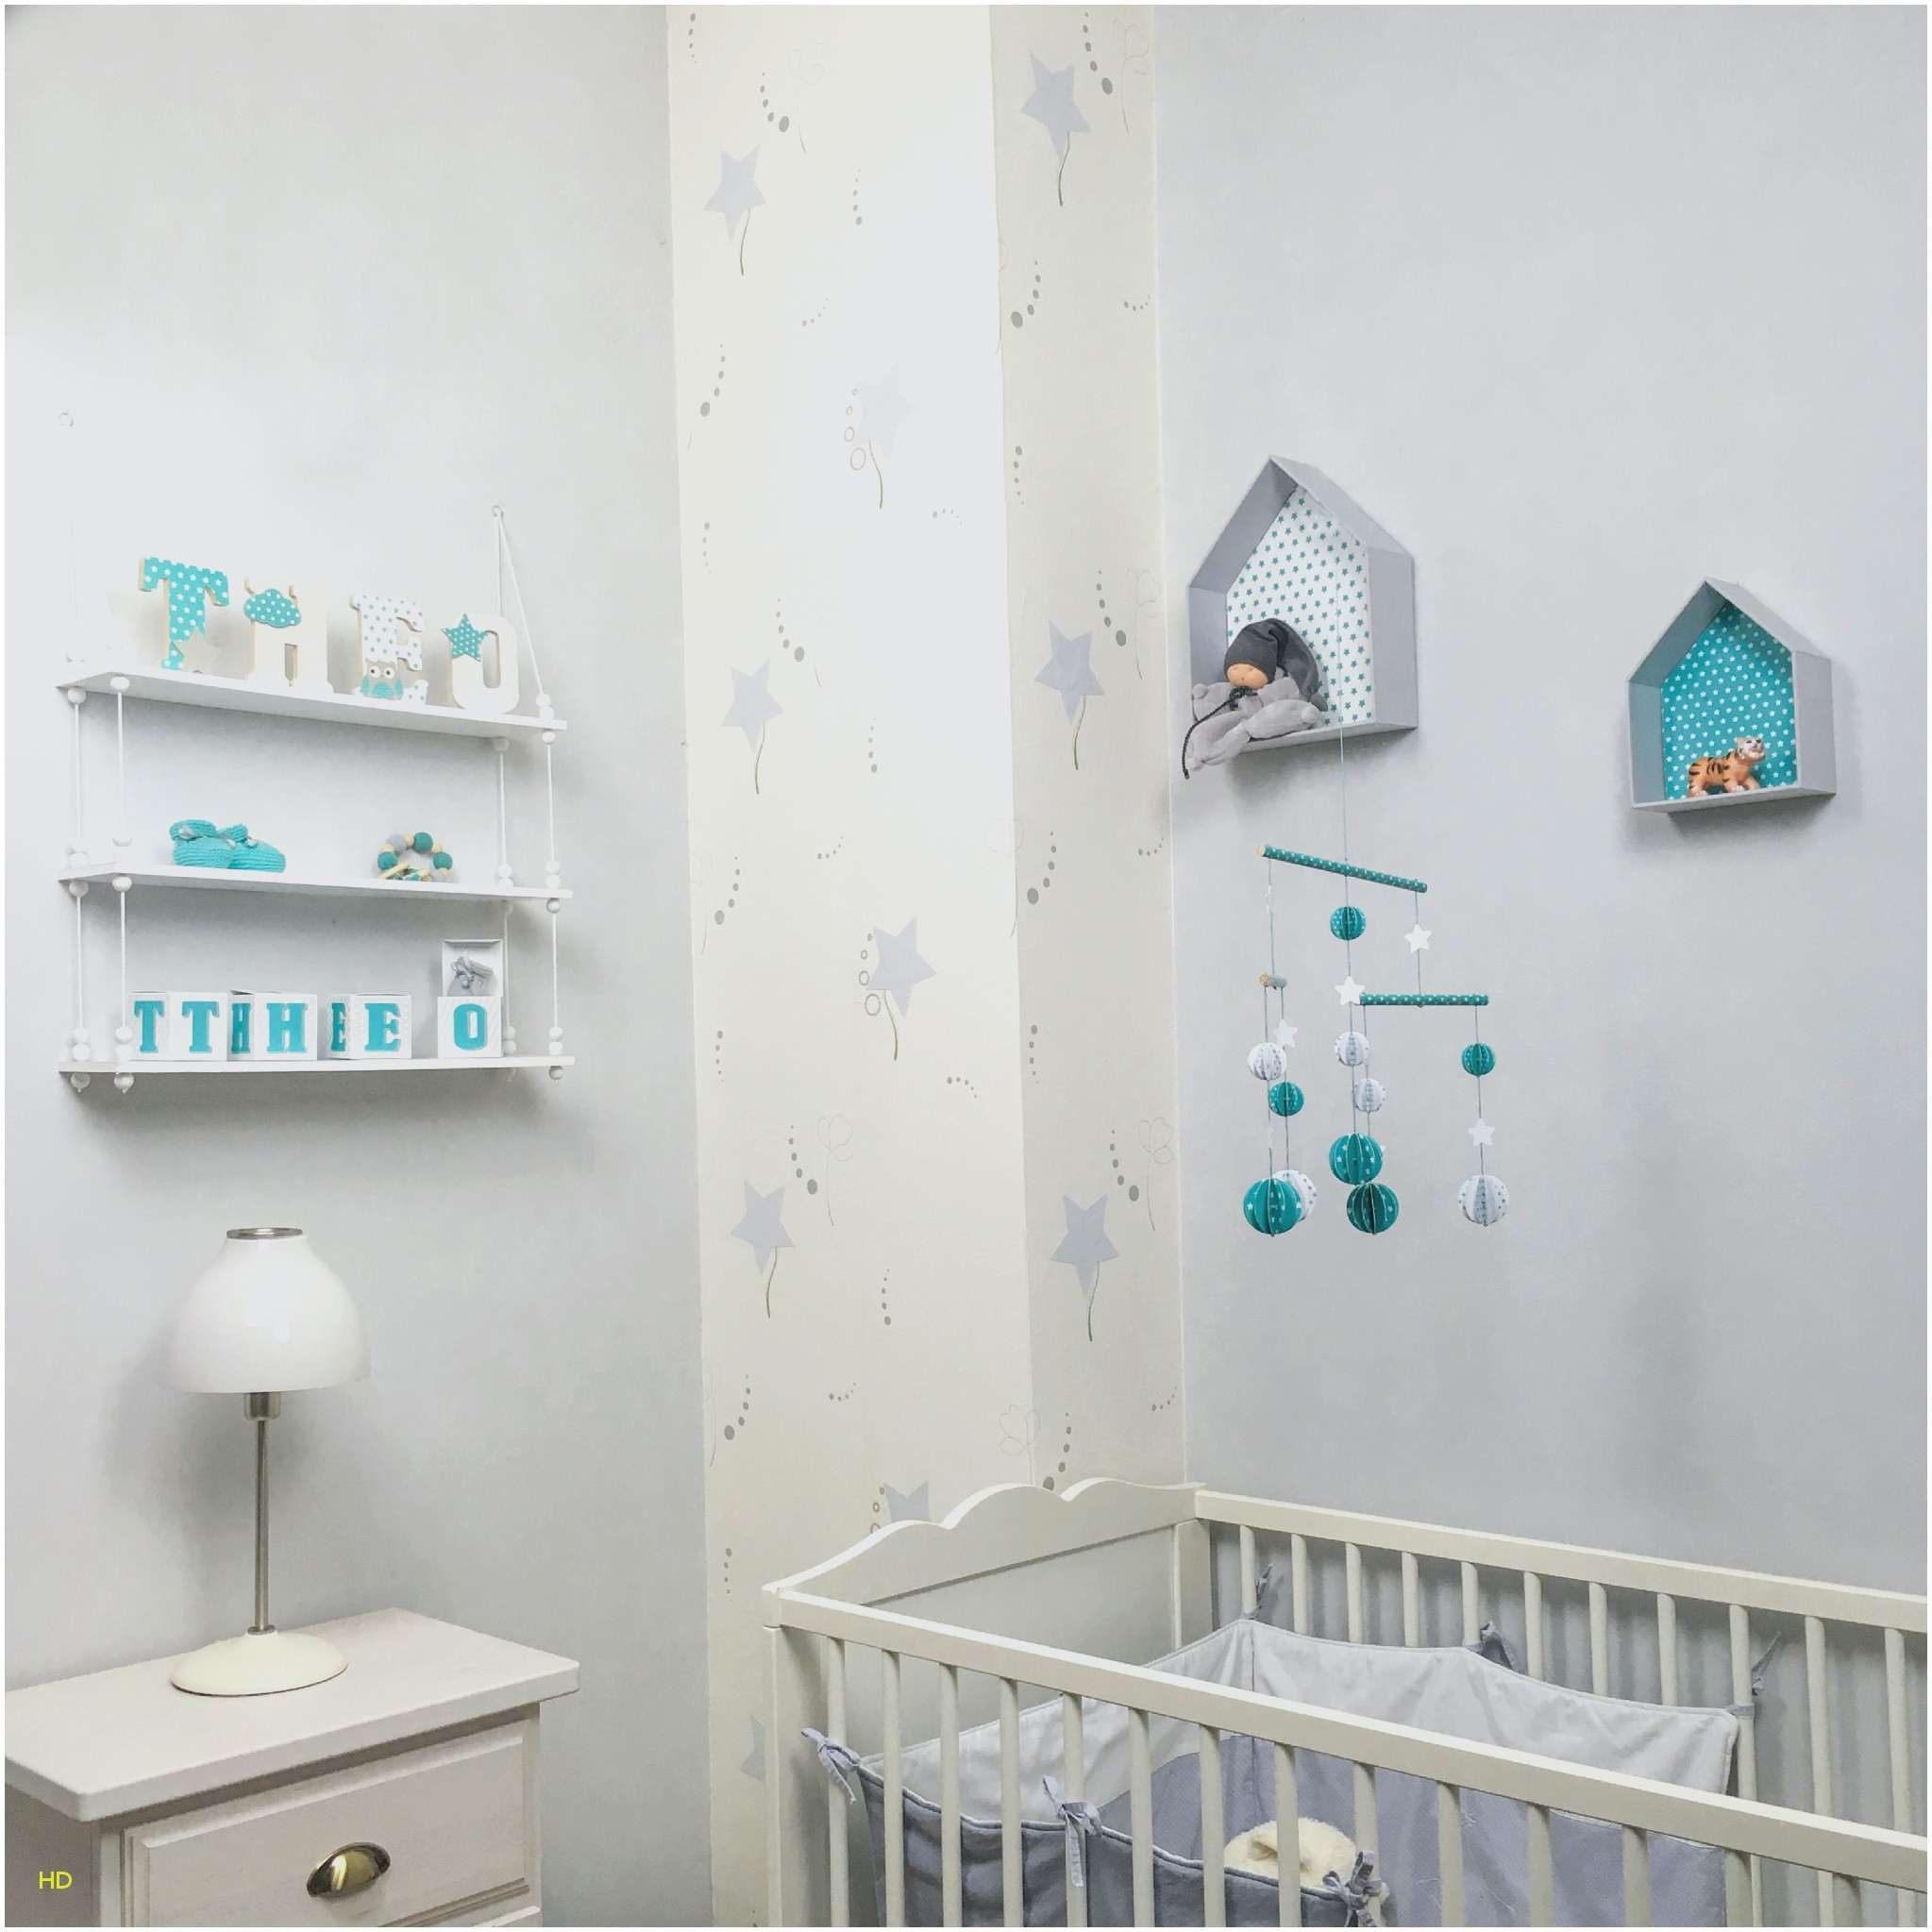 Lit Bebe Fait Maison Luxe Beau Beau Collection De Idee Bureau Ikea Etagere Design Ikea Luxe S